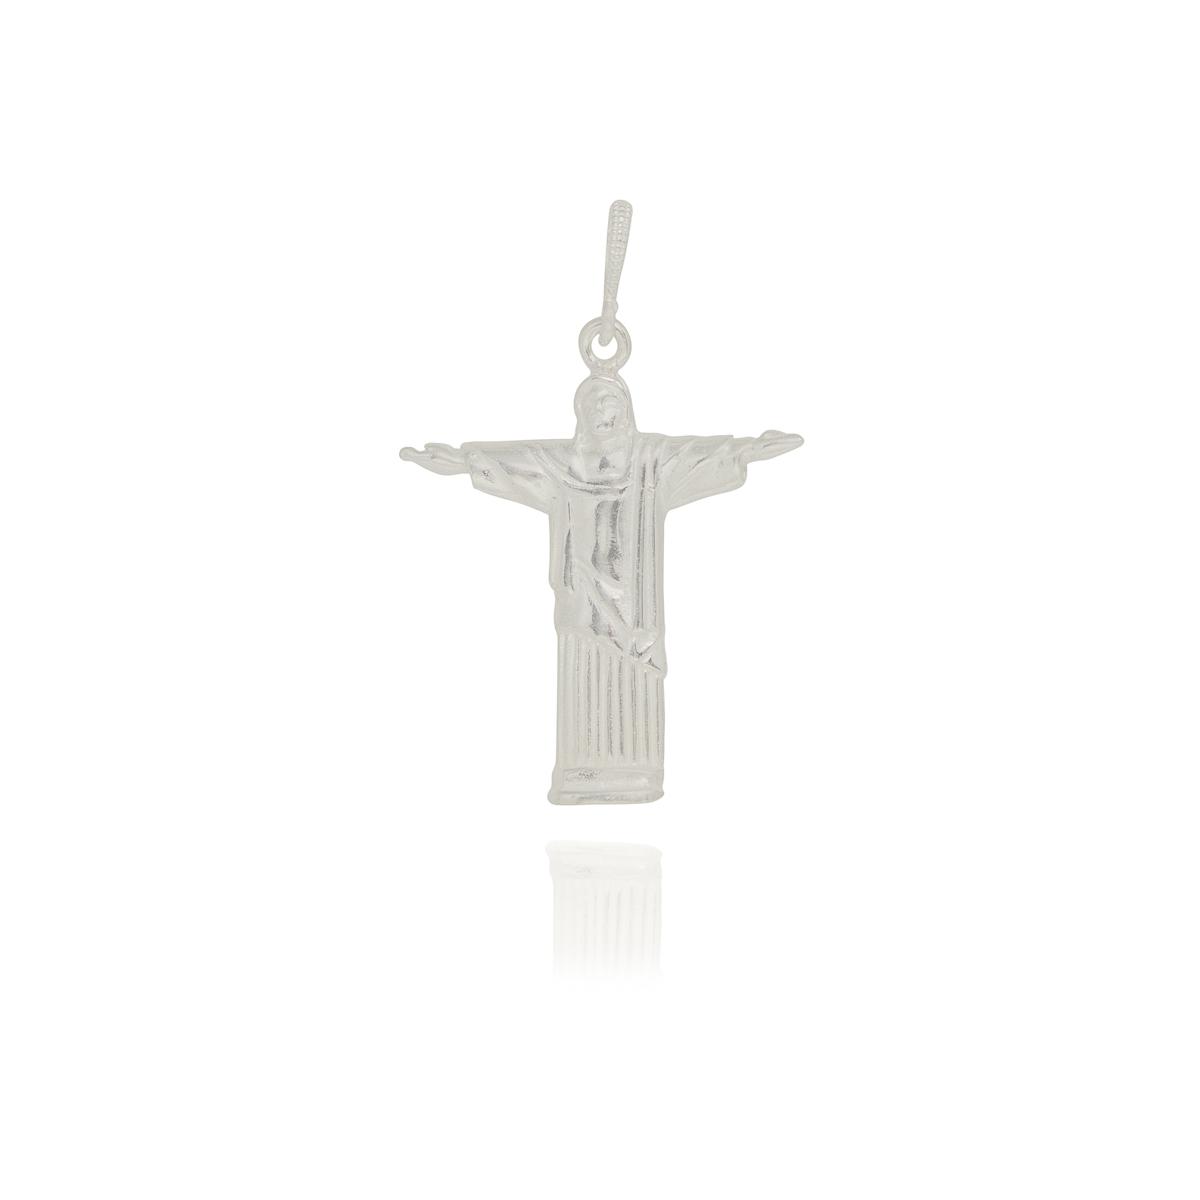 Pingente joia prata 925 pura Cristo redentor hipoalergênica